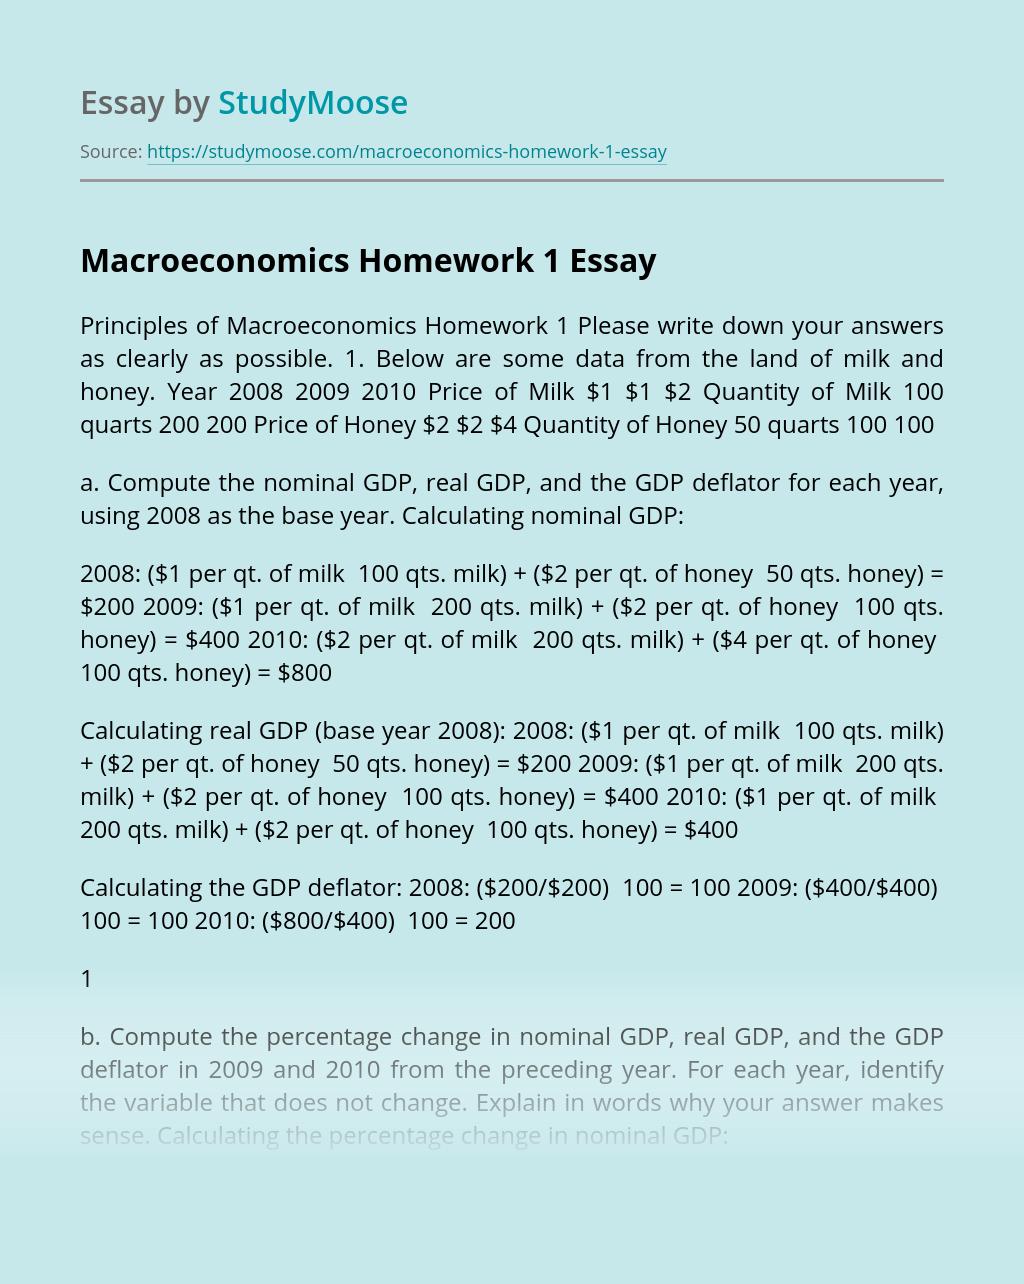 Macroeconomics Homework 1